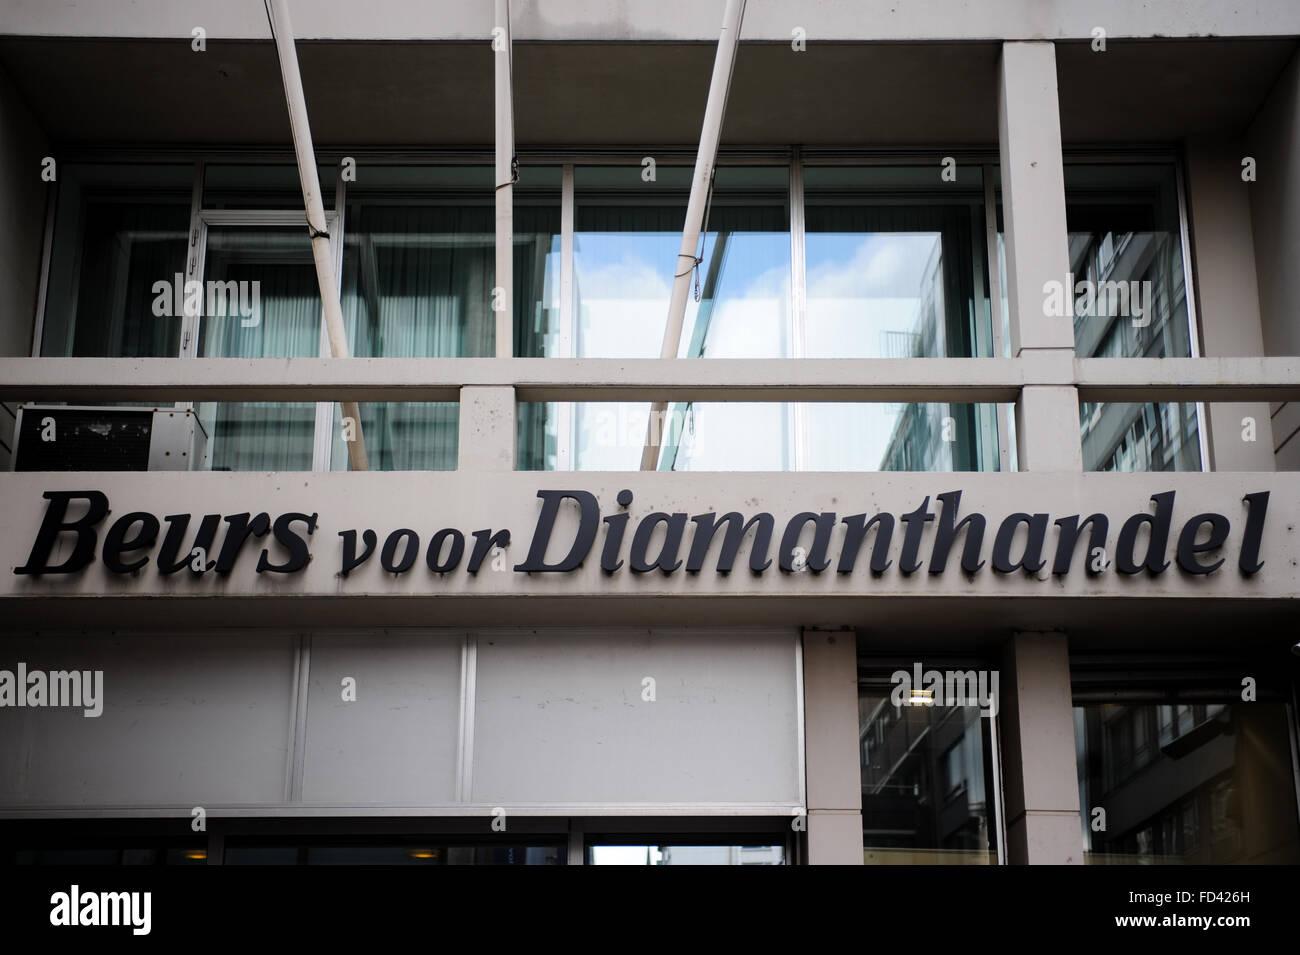 Diamond Stock Exchange (trading bourse) Antwerp, Belgium - Stock Image